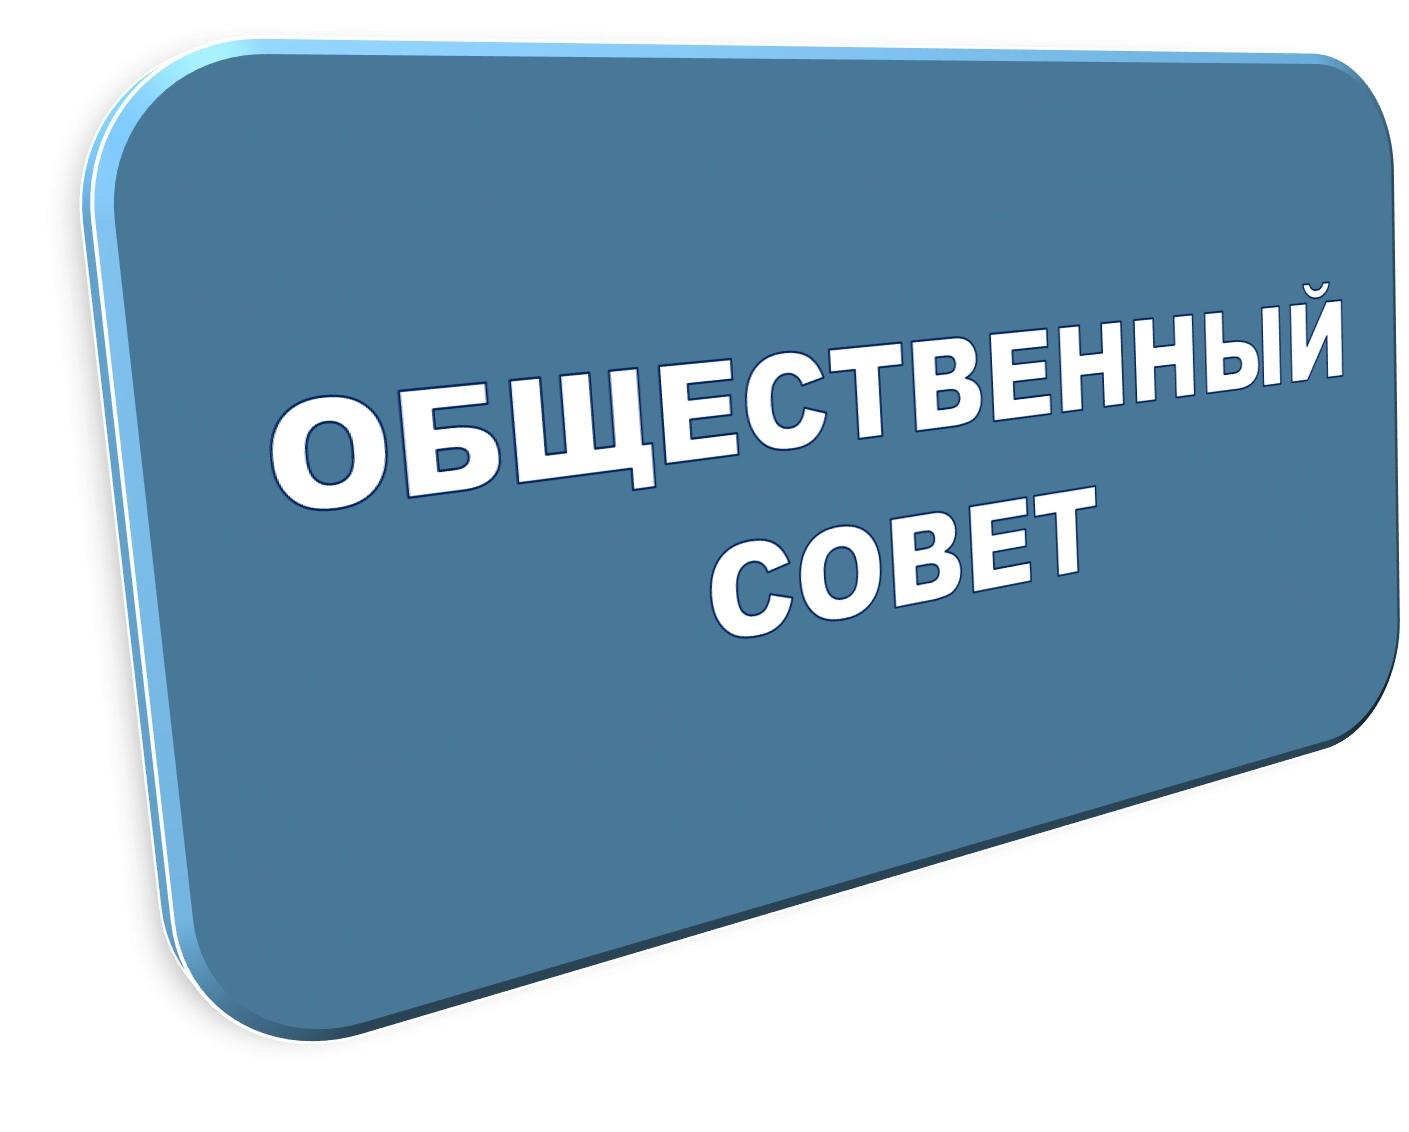 Общественный совет Петровского района принимает предложения по кандидатурам на вакантное место в своём составе